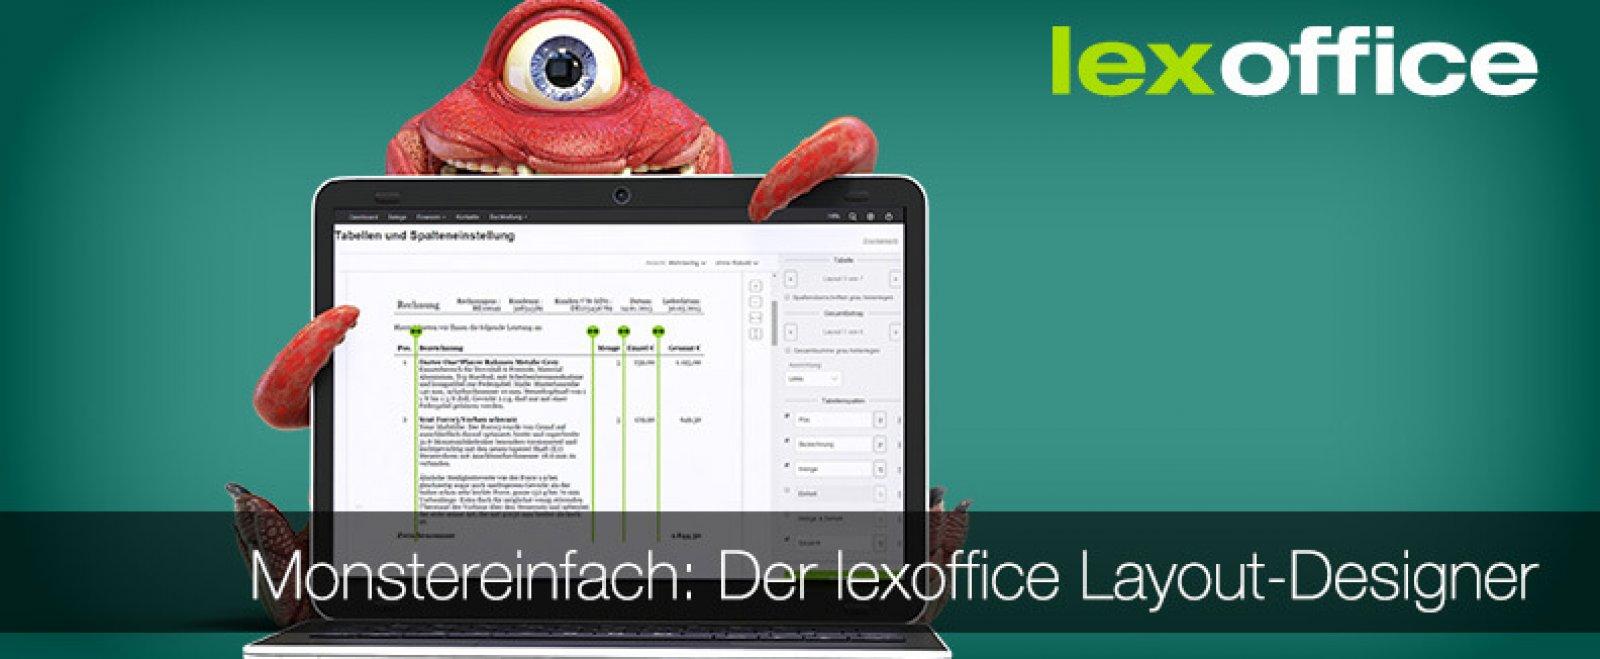 Monstereinfach: Unser neuer lexoffice Layout-Designer